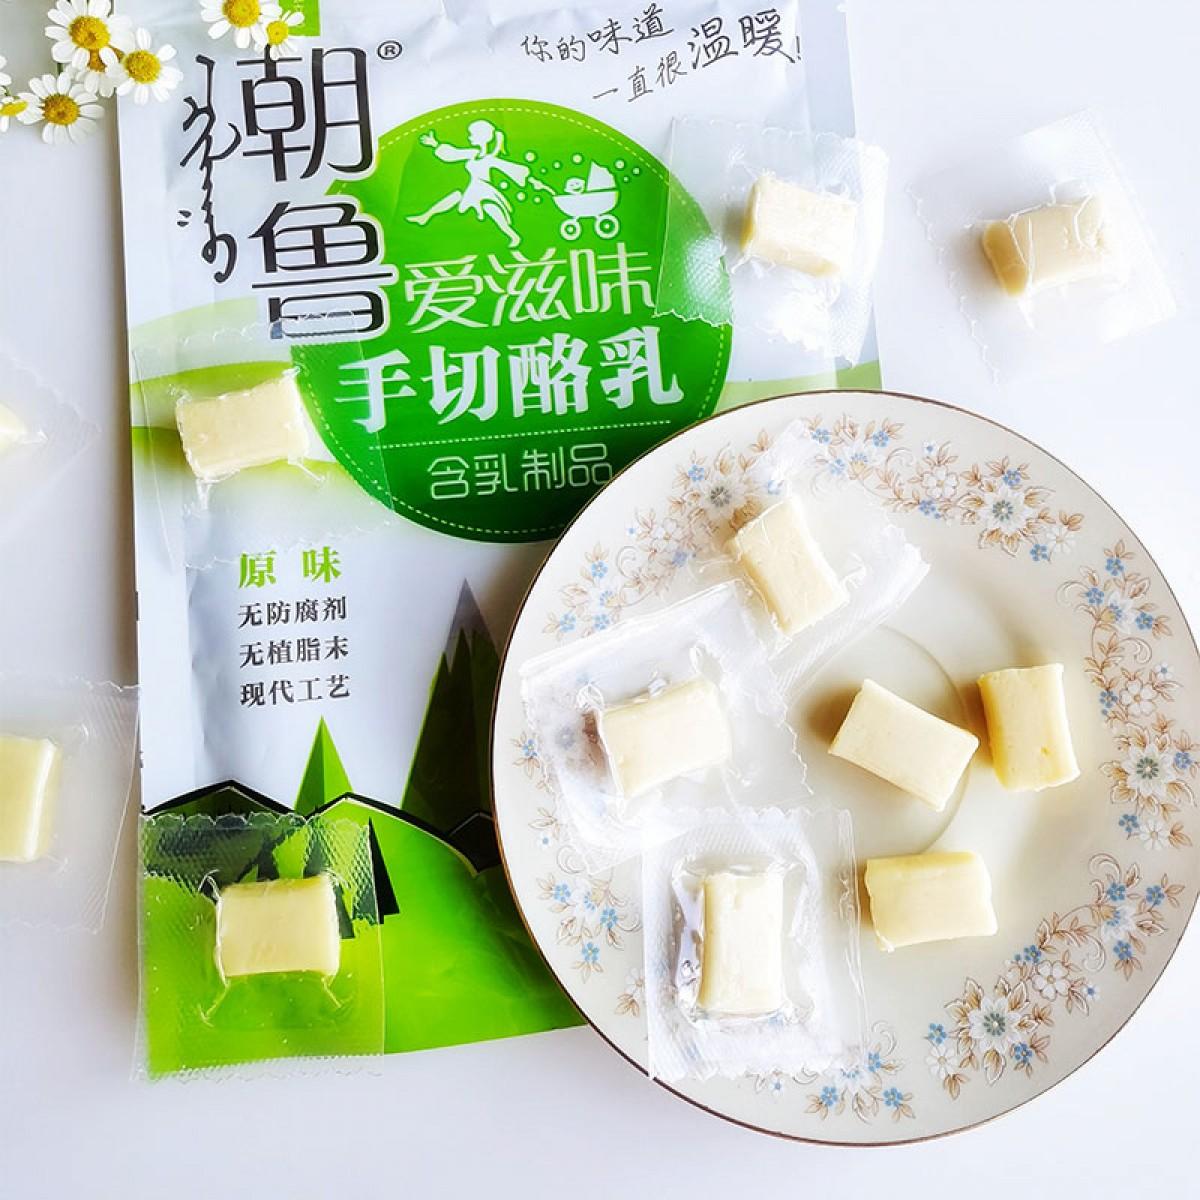 内蒙古蒙歌来手切酪乳原味100g*4袋